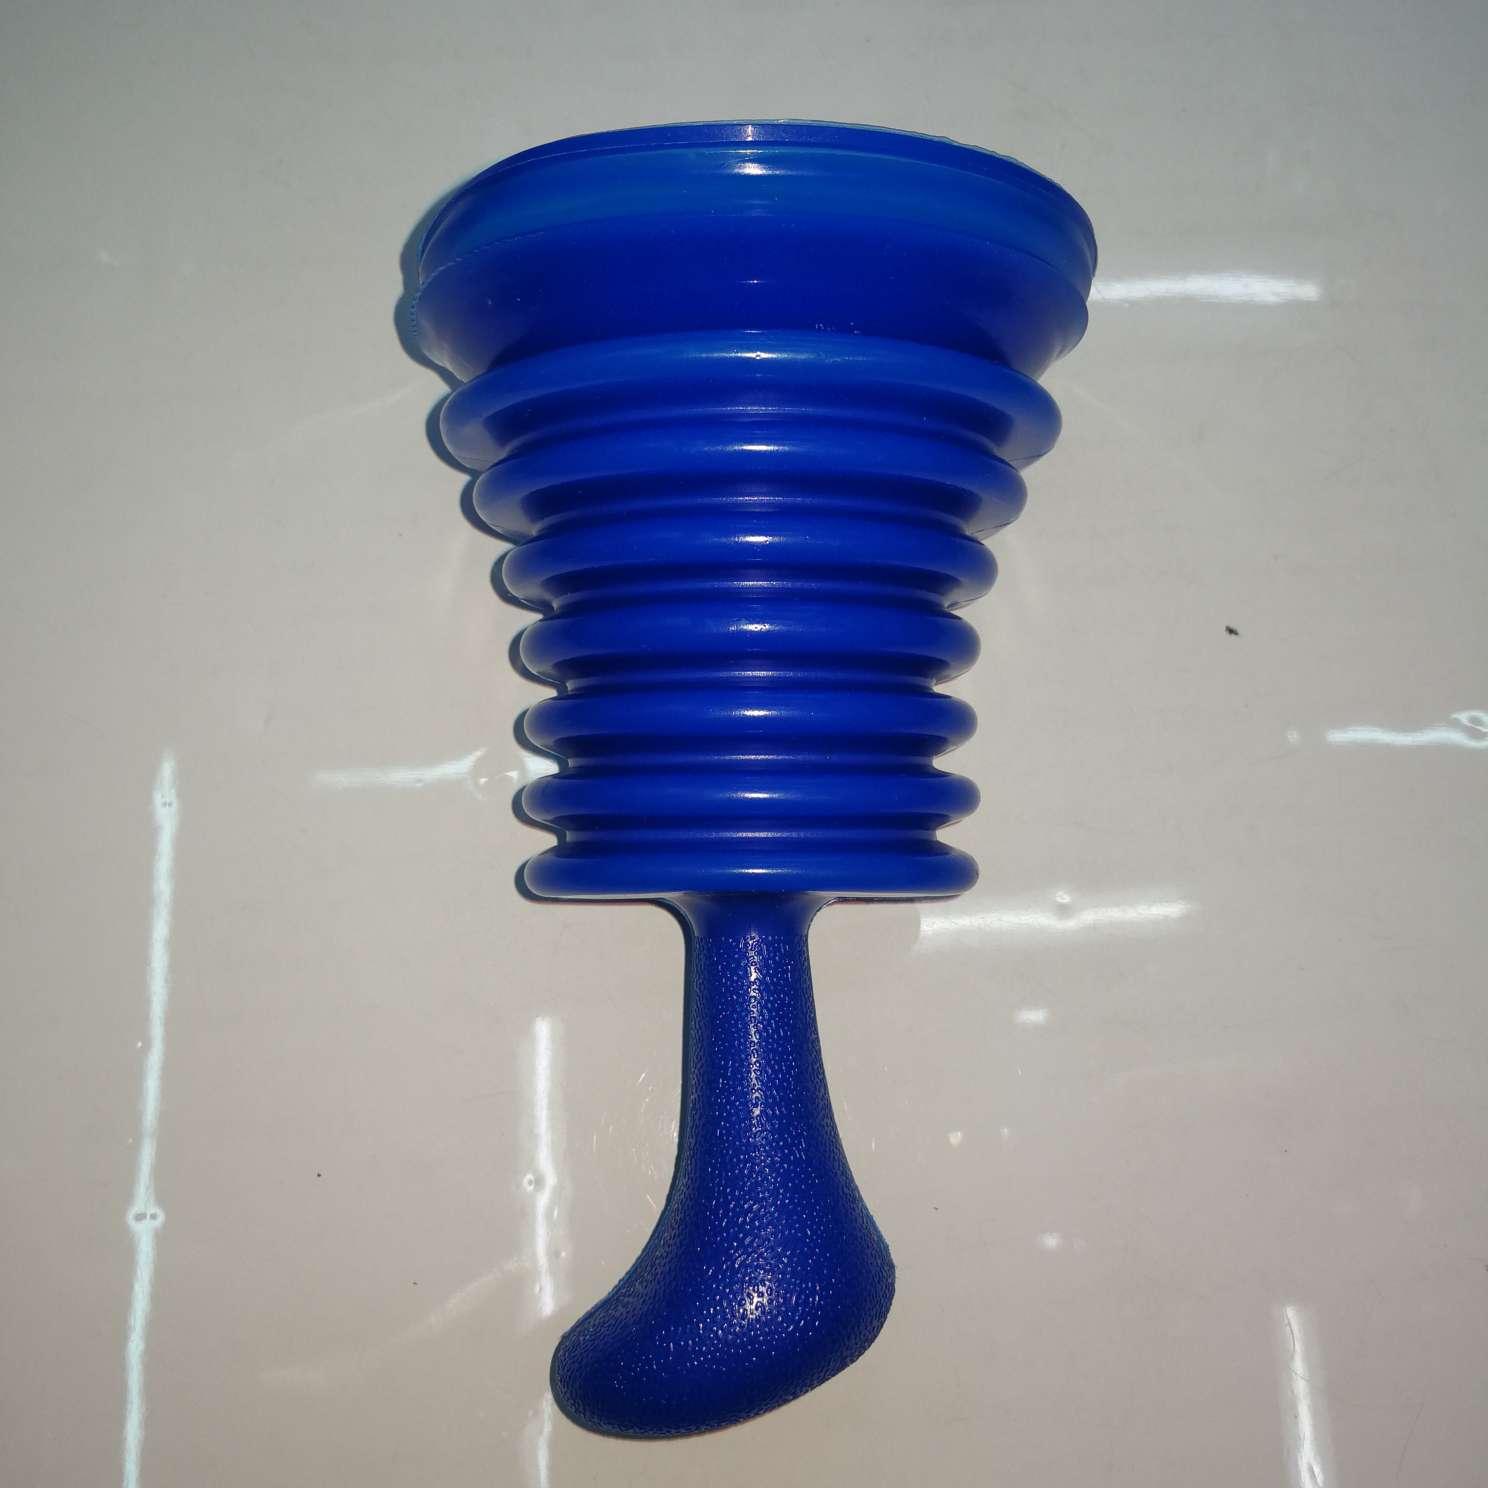 251-8005   厨房管道强力水槽吸水槽疏通器